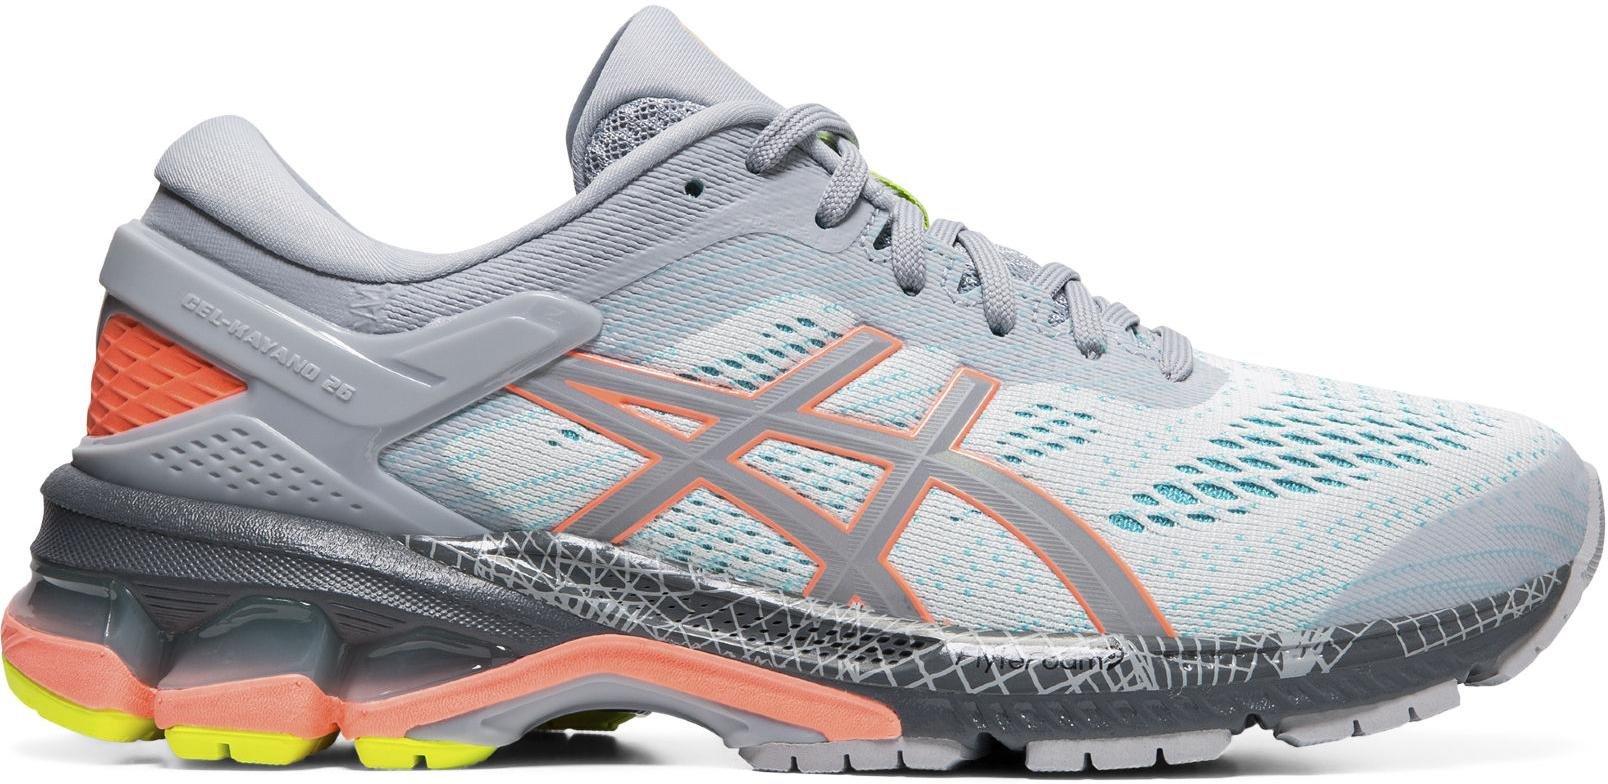 Zapatillas de running Asics GEL-KAYANO 26 LS